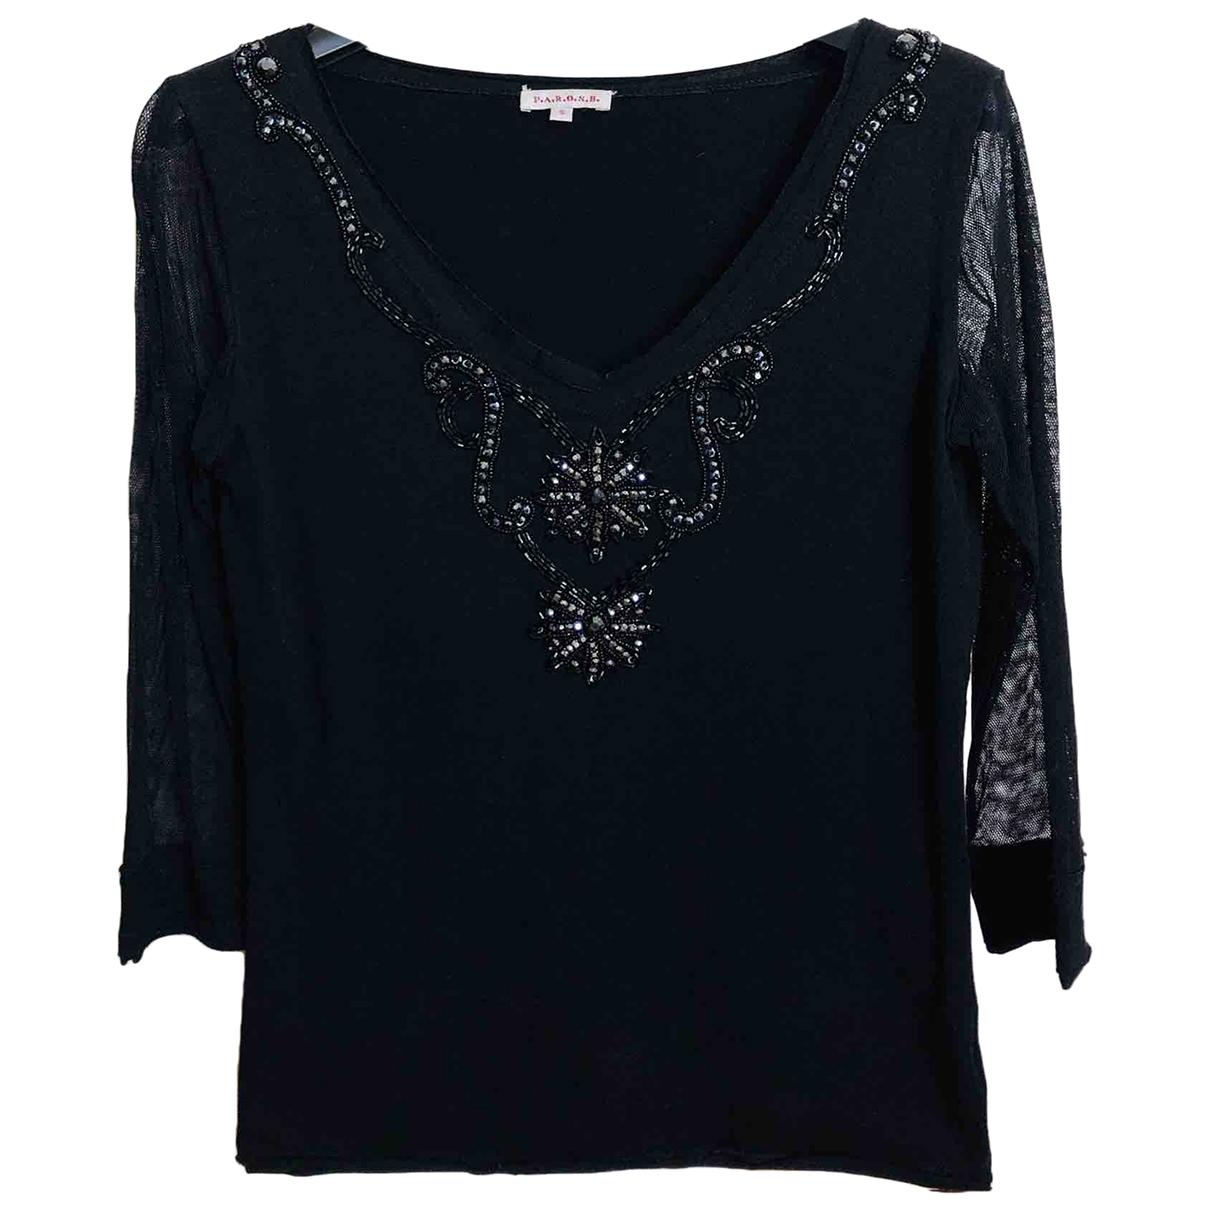 Parosh - Top   pour femme en coton - noir